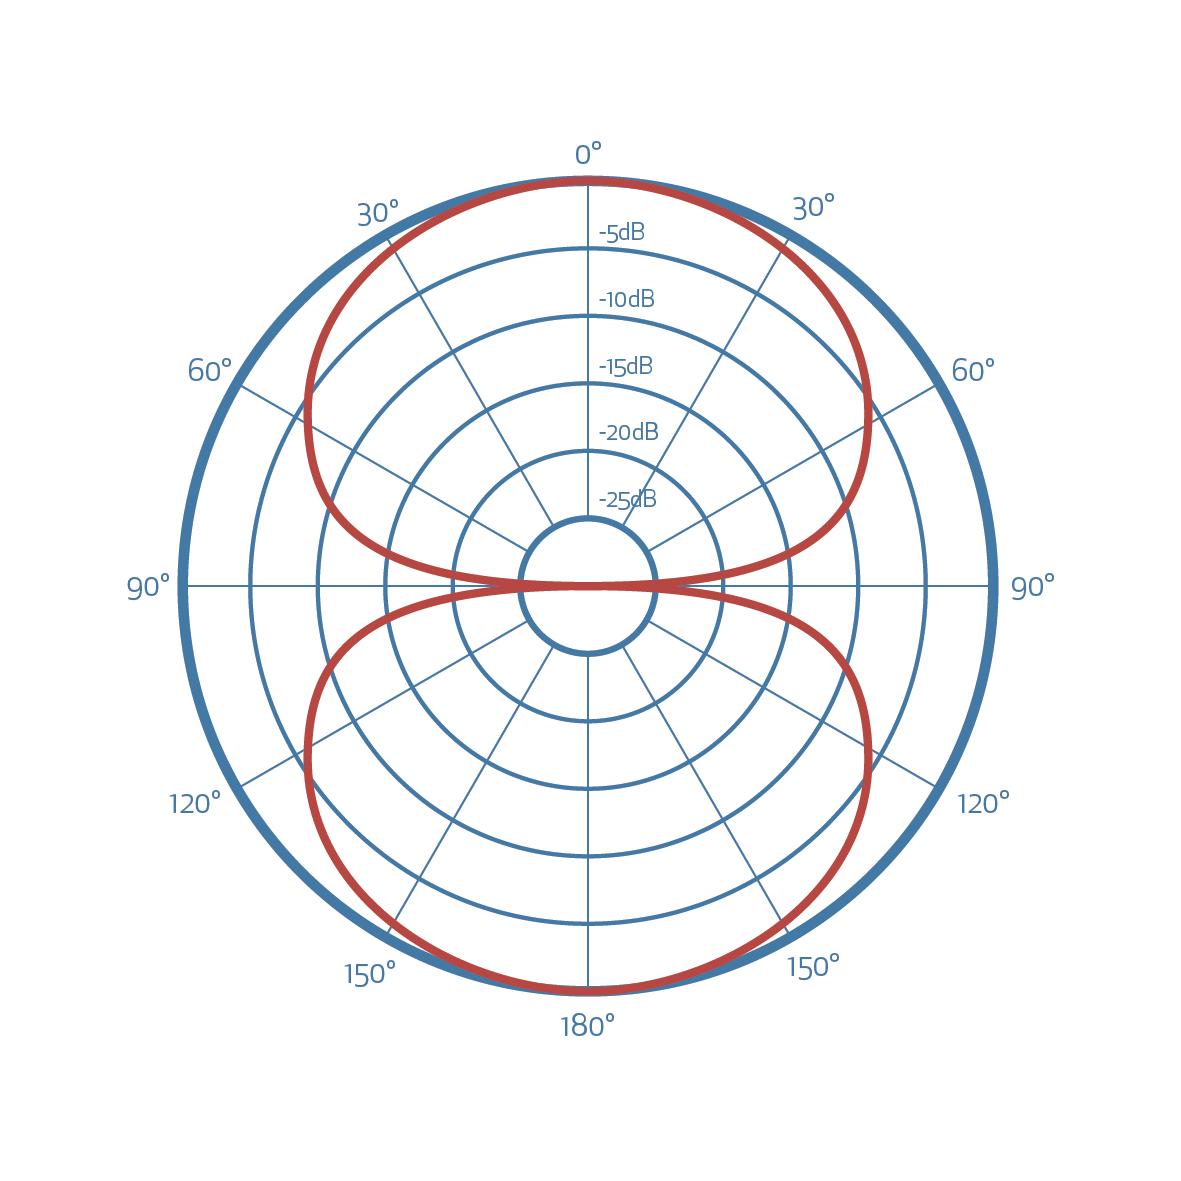 ambience_diagrams_final-02-copy